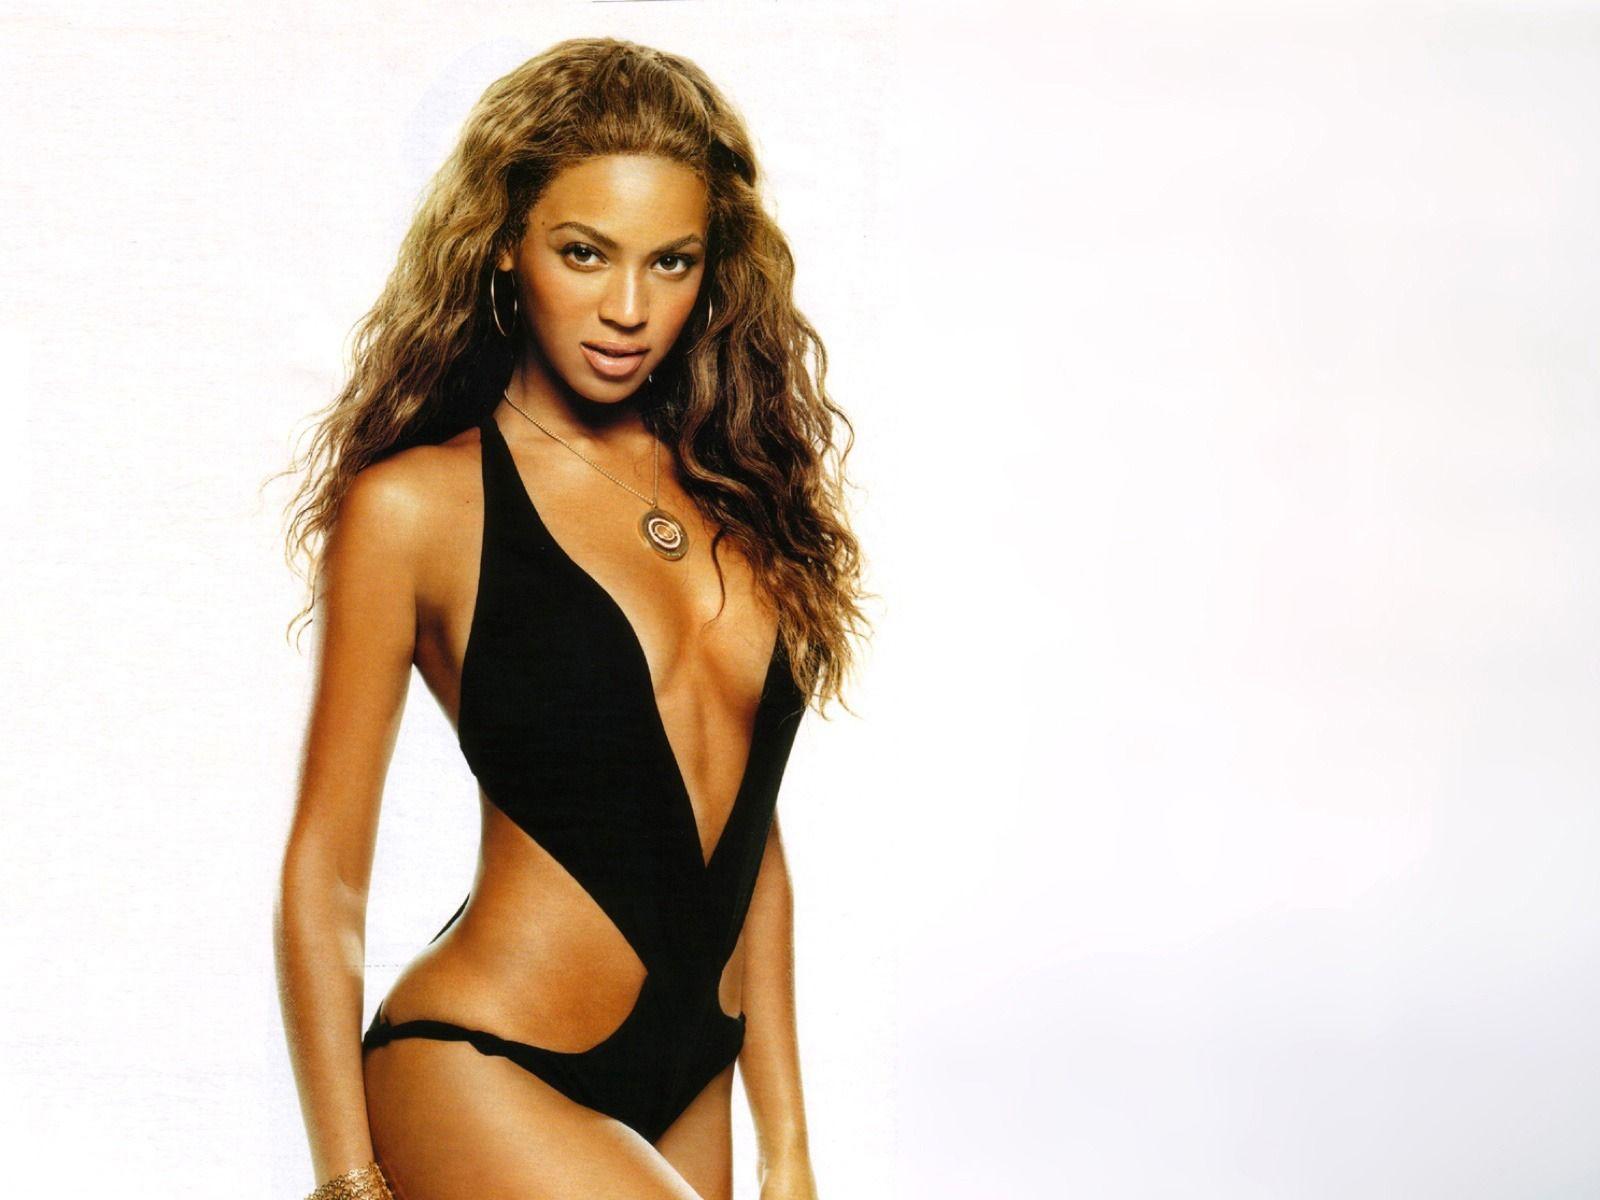 Su Mostrando Traje CuerpoIngrid Baño Beyonce Escultural En De FcK31JTl